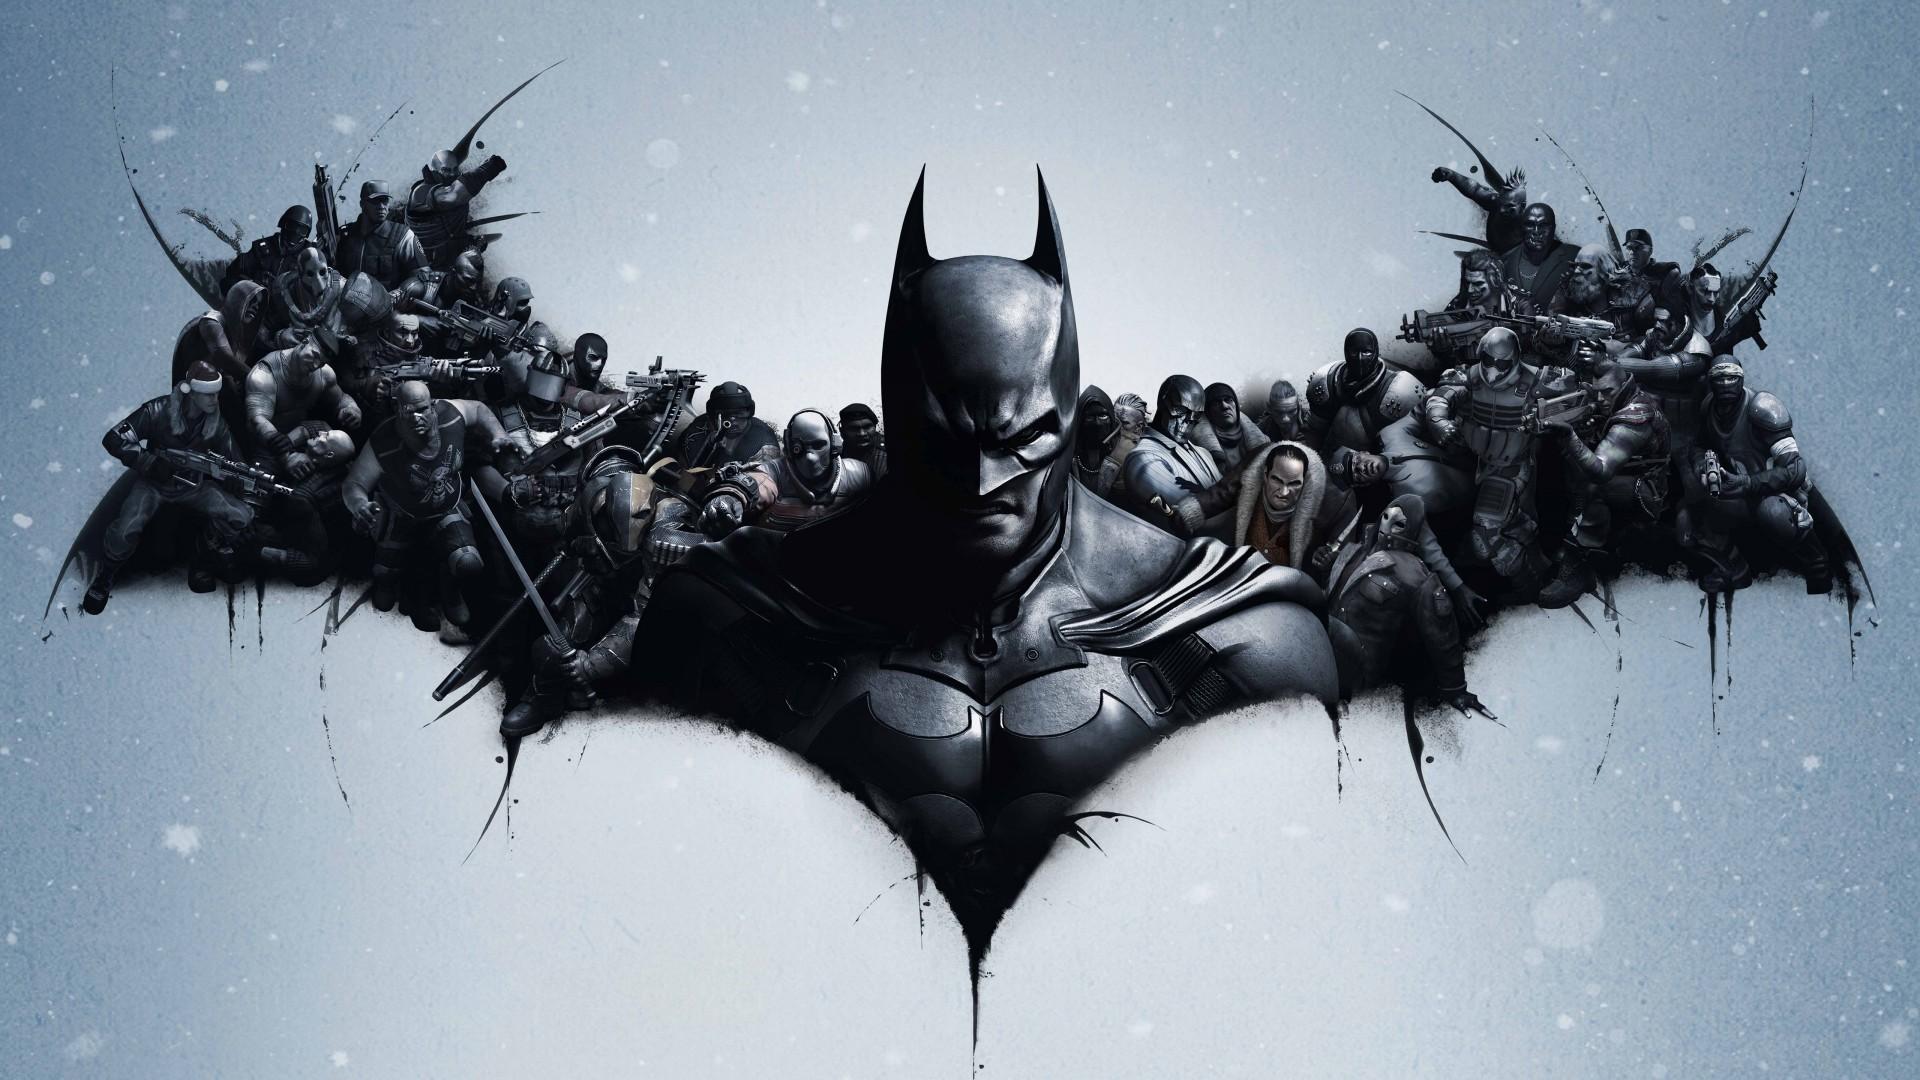 4K Batman Wallpaper (48+ images)